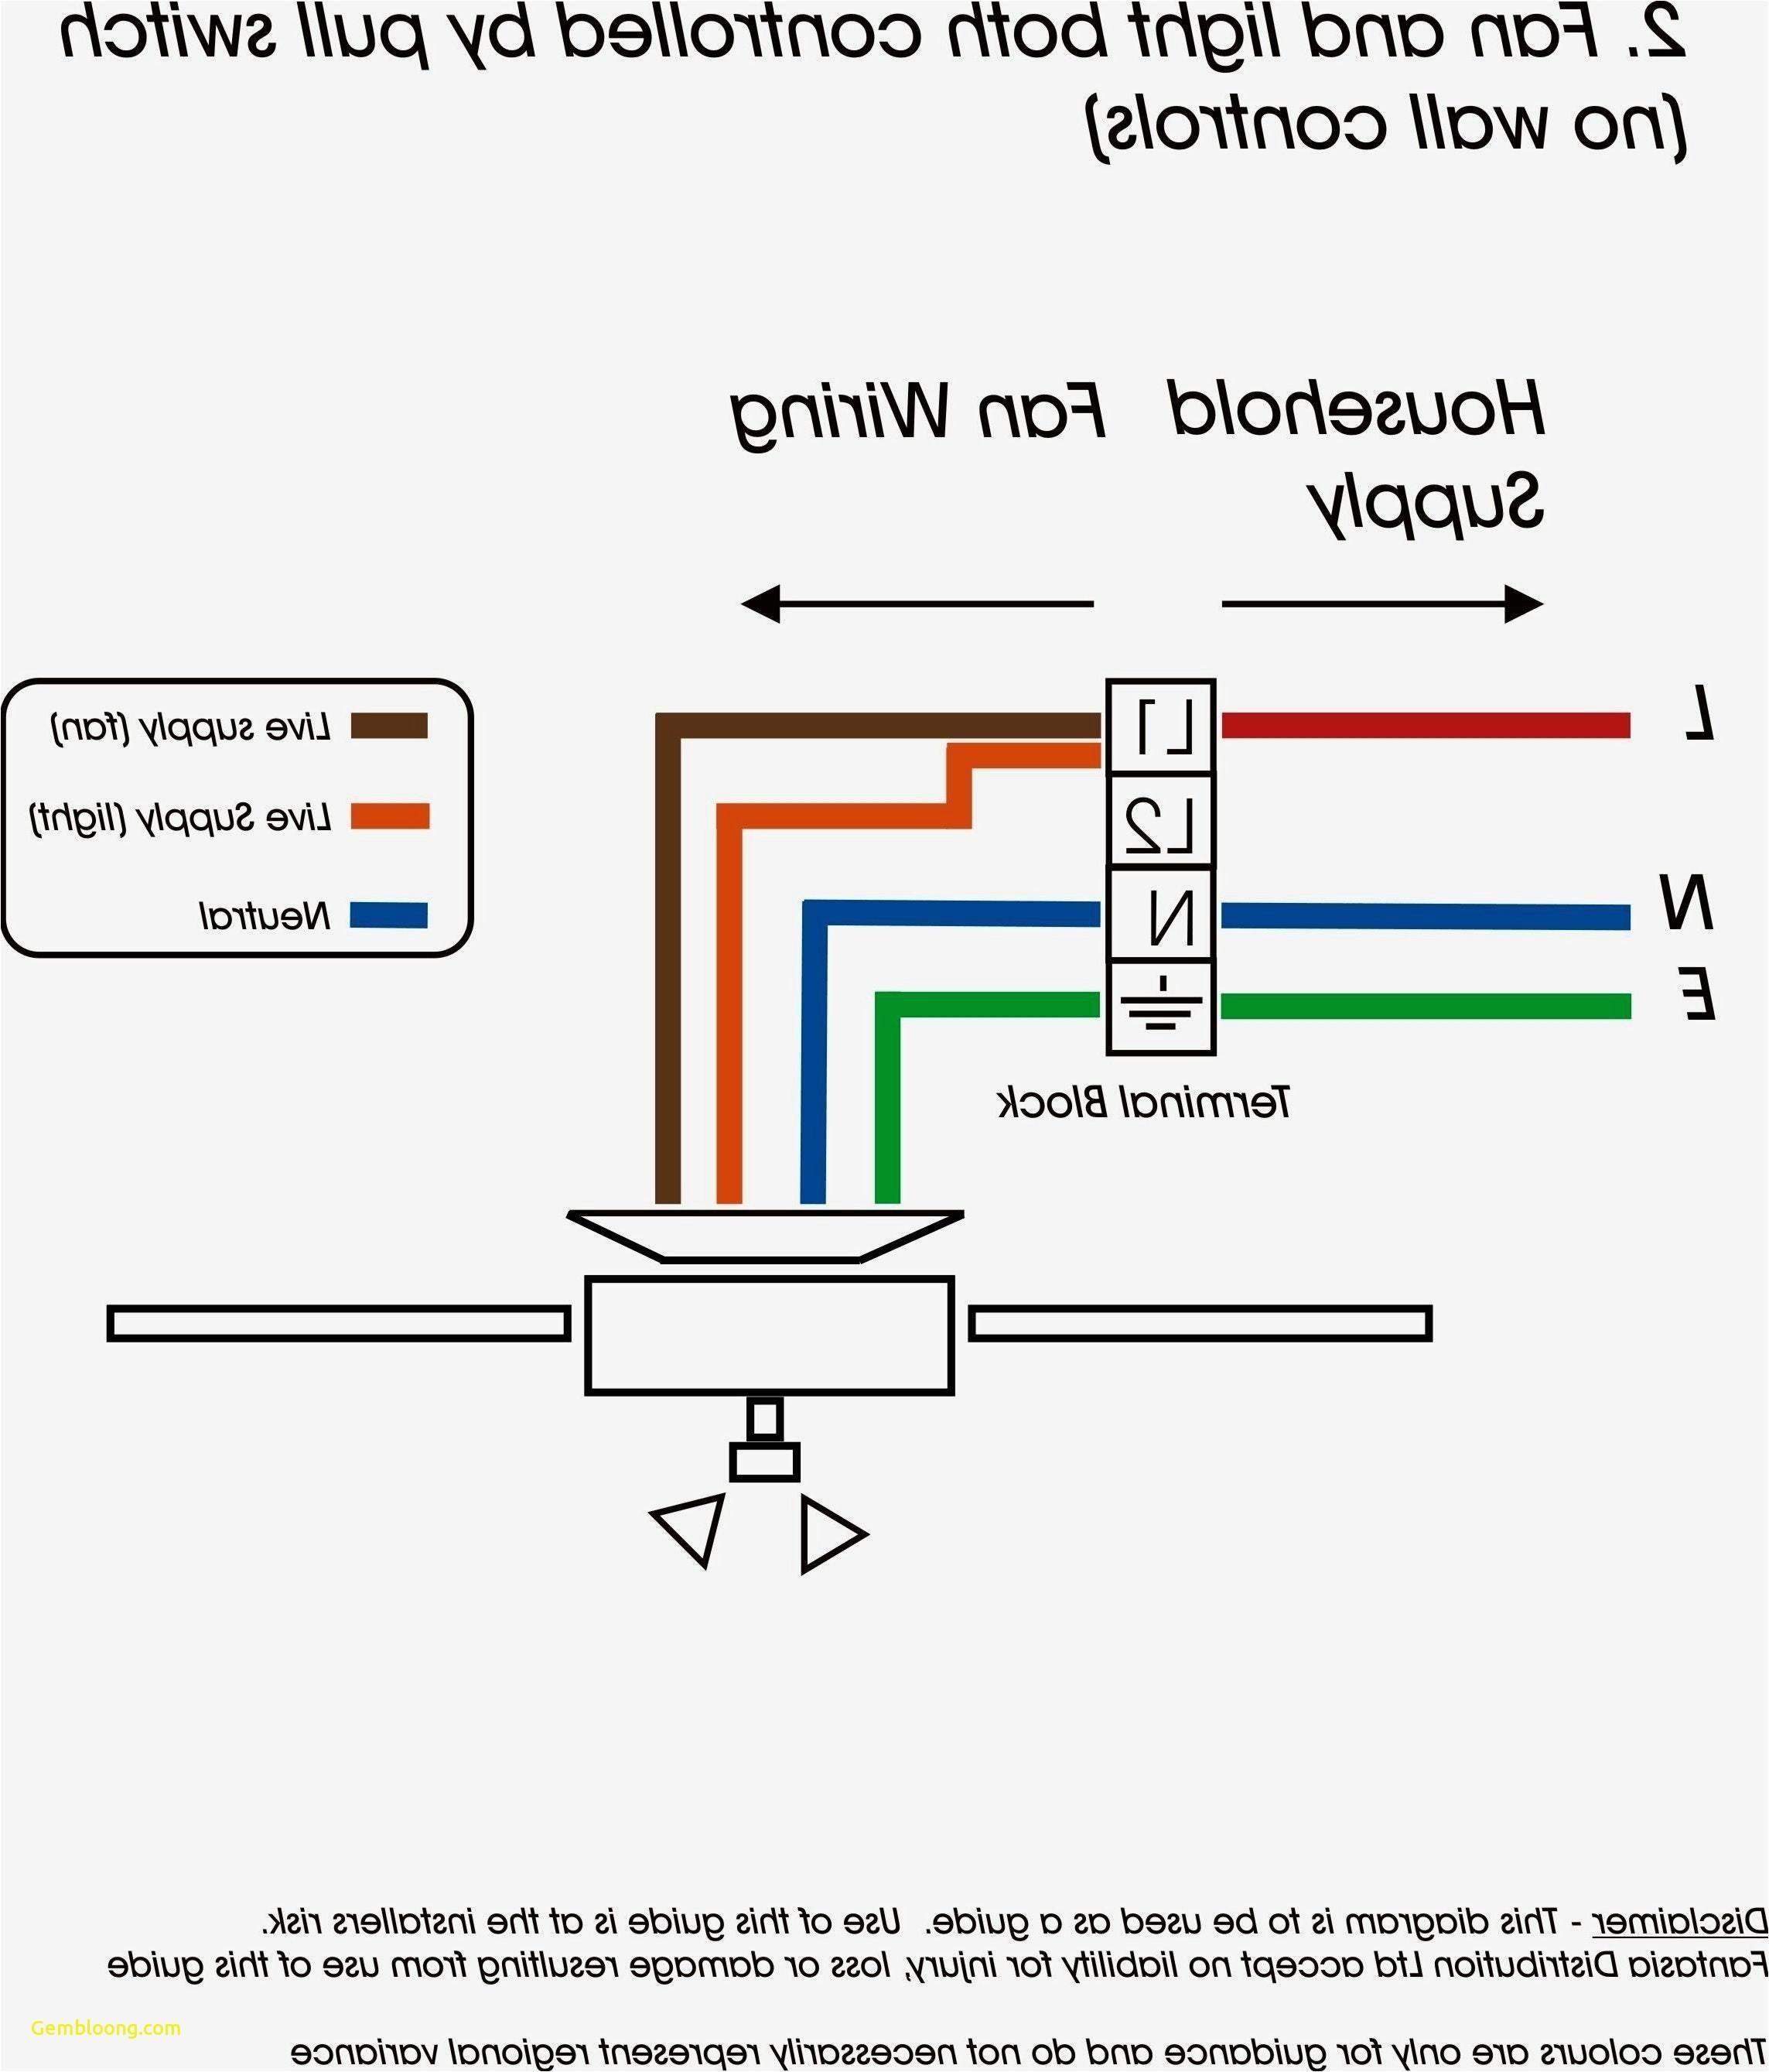 ceiling fan light switch wiring diagram luxury best wiring diagrams for ceiling fan e280a2 electrical outlet symbol 2018 of ceiling fan light switch wiring diagram jpg